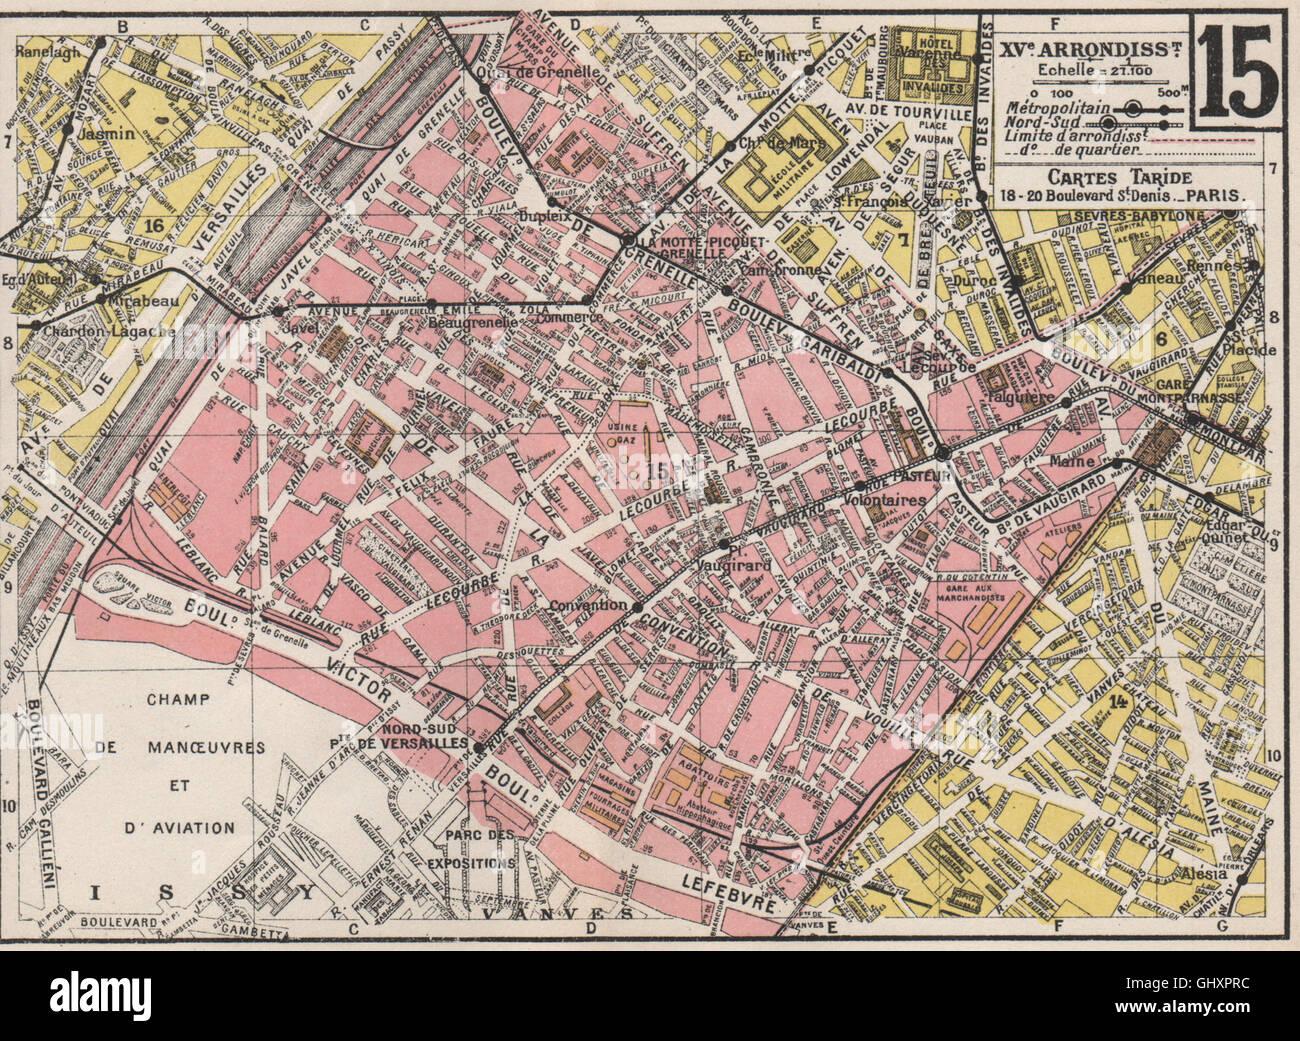 Karte Paris Arrondissement.Paris 15 15e Xve Arrondissement Vaugirard Taride 1926